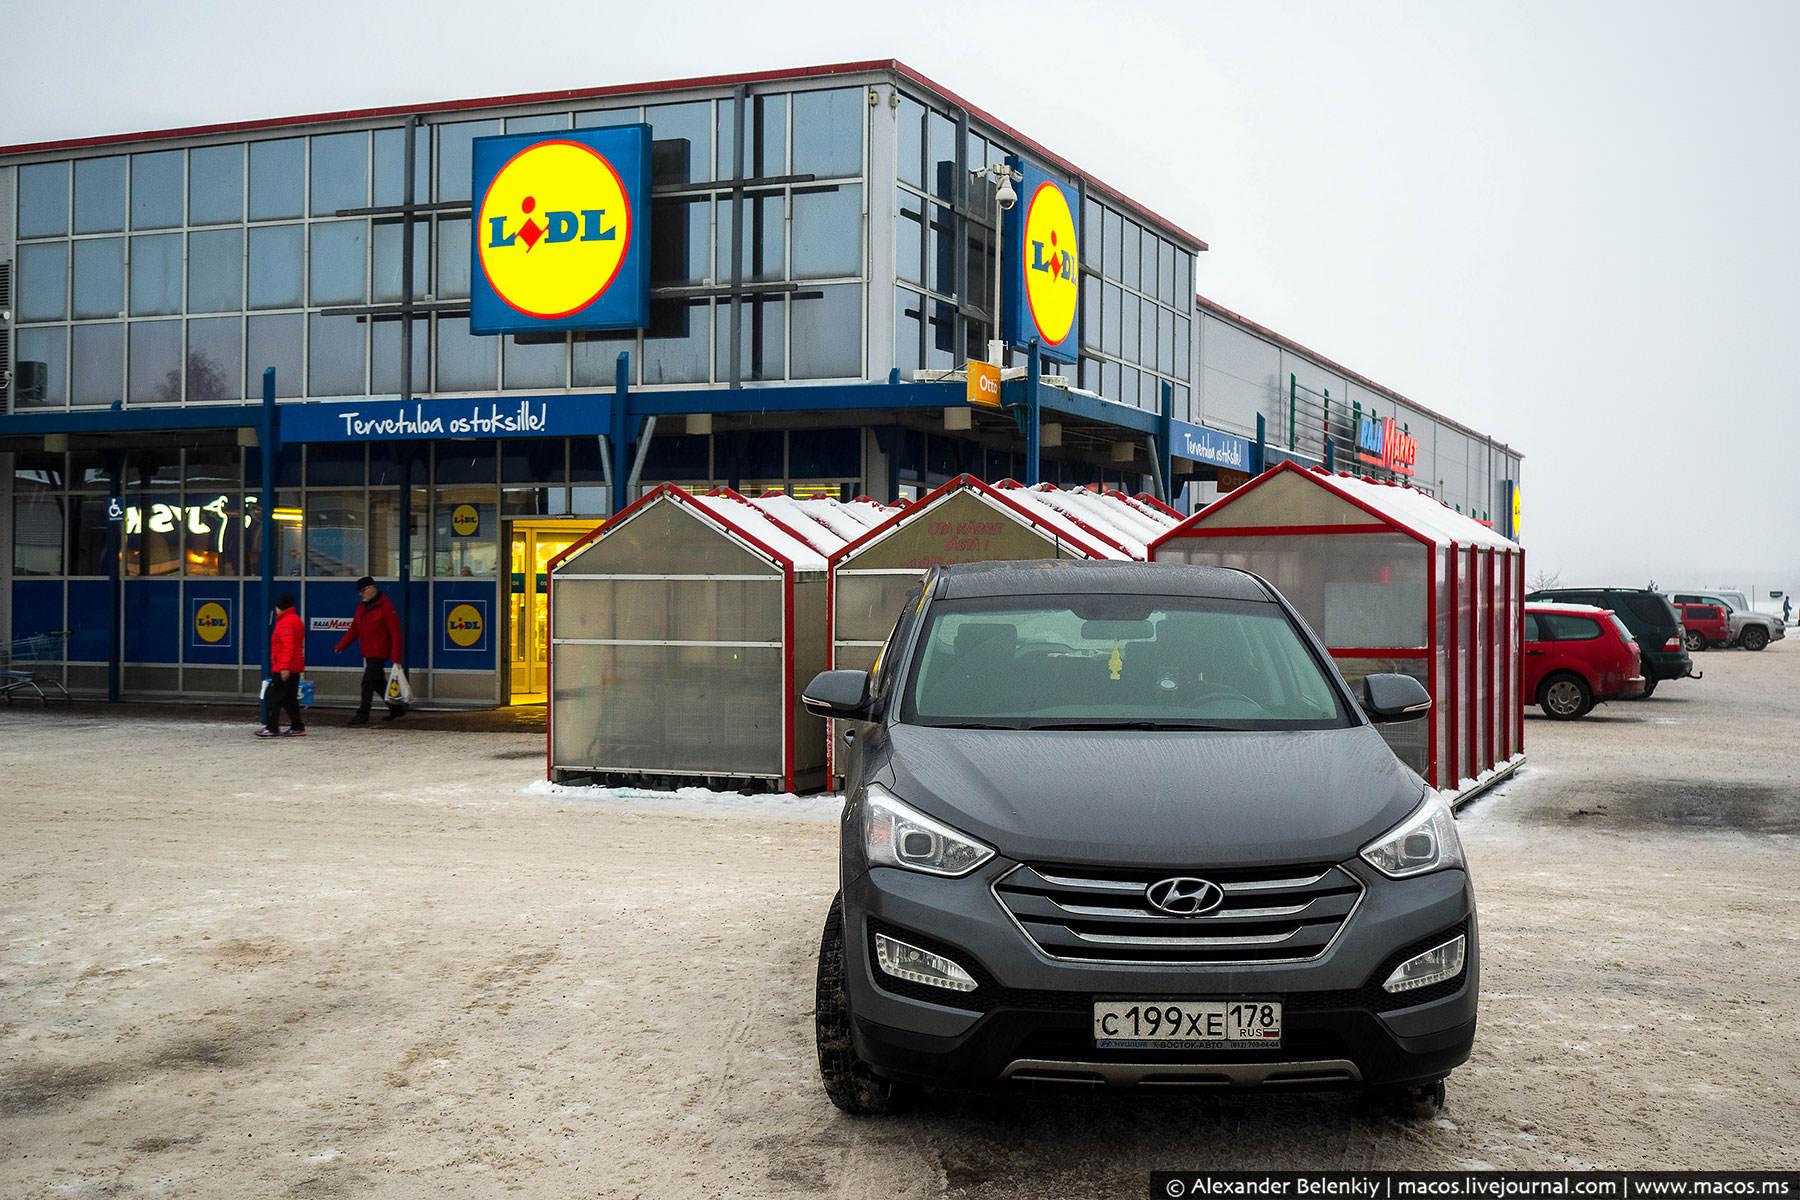 Все приграничные финские города уже обзавелись шопинг-центрами, рассчитанными на русских даже больше